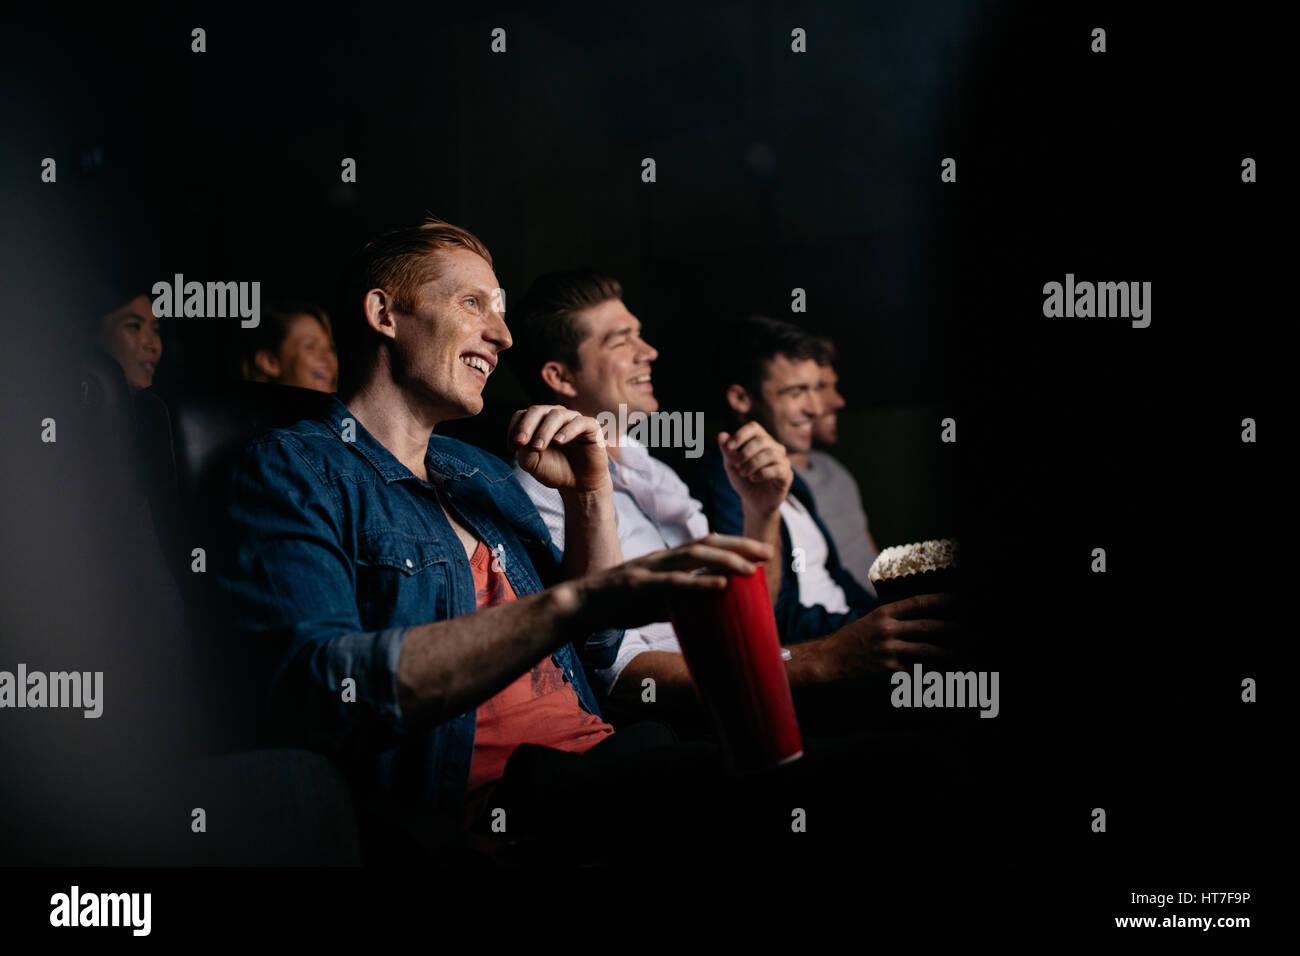 Lächelnd jungen Mann mit Freunden im Kinofilm Halle beobachten. Gruppe von Menschen Film im Theater. Stockbild